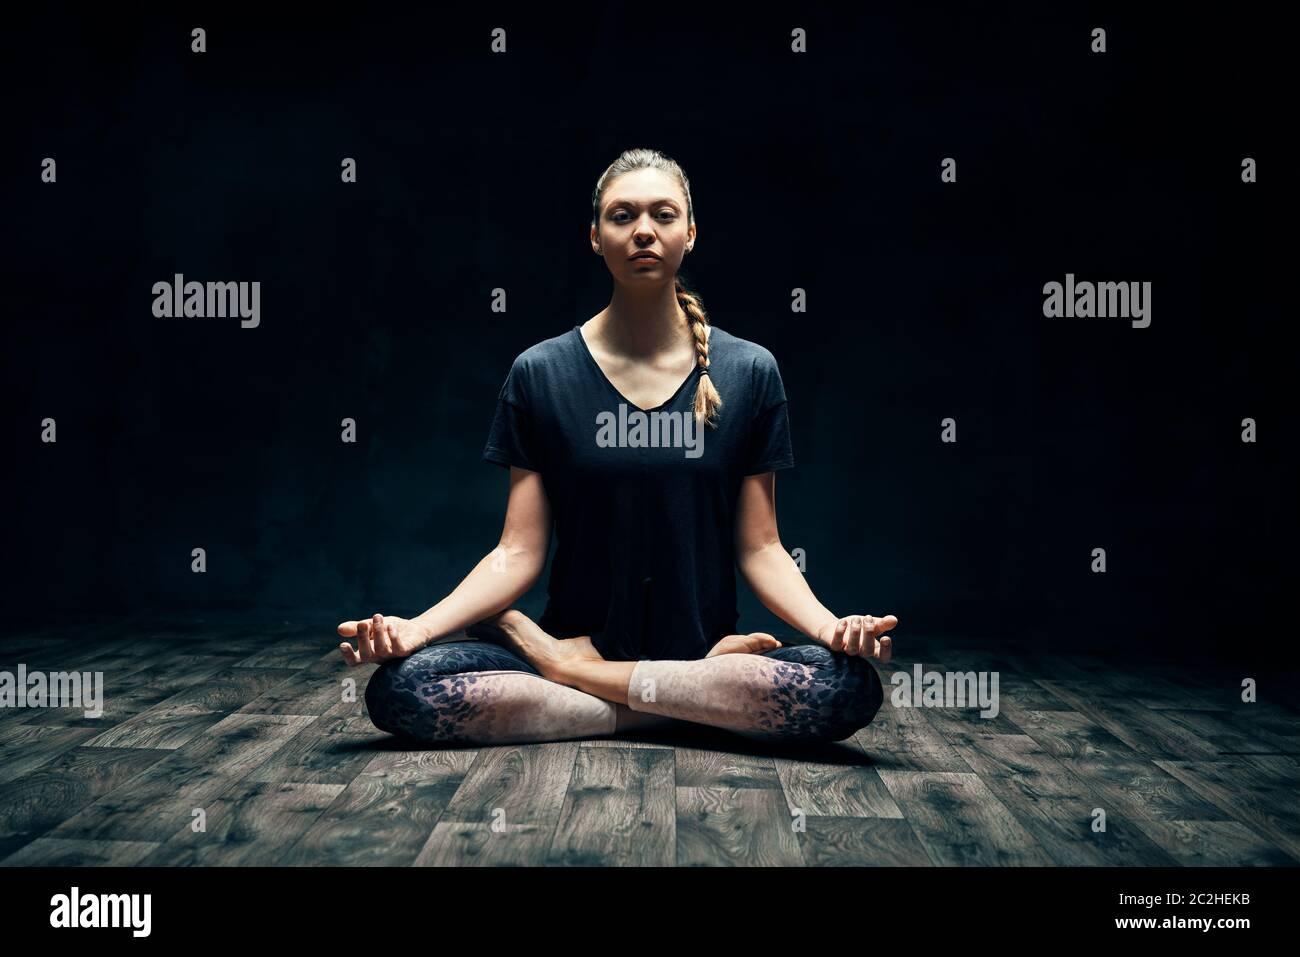 Jeune femme attrayante pratiquant le yoga assis dans la pose de lotus et méditant dans la pièce sombre Banque D'Images